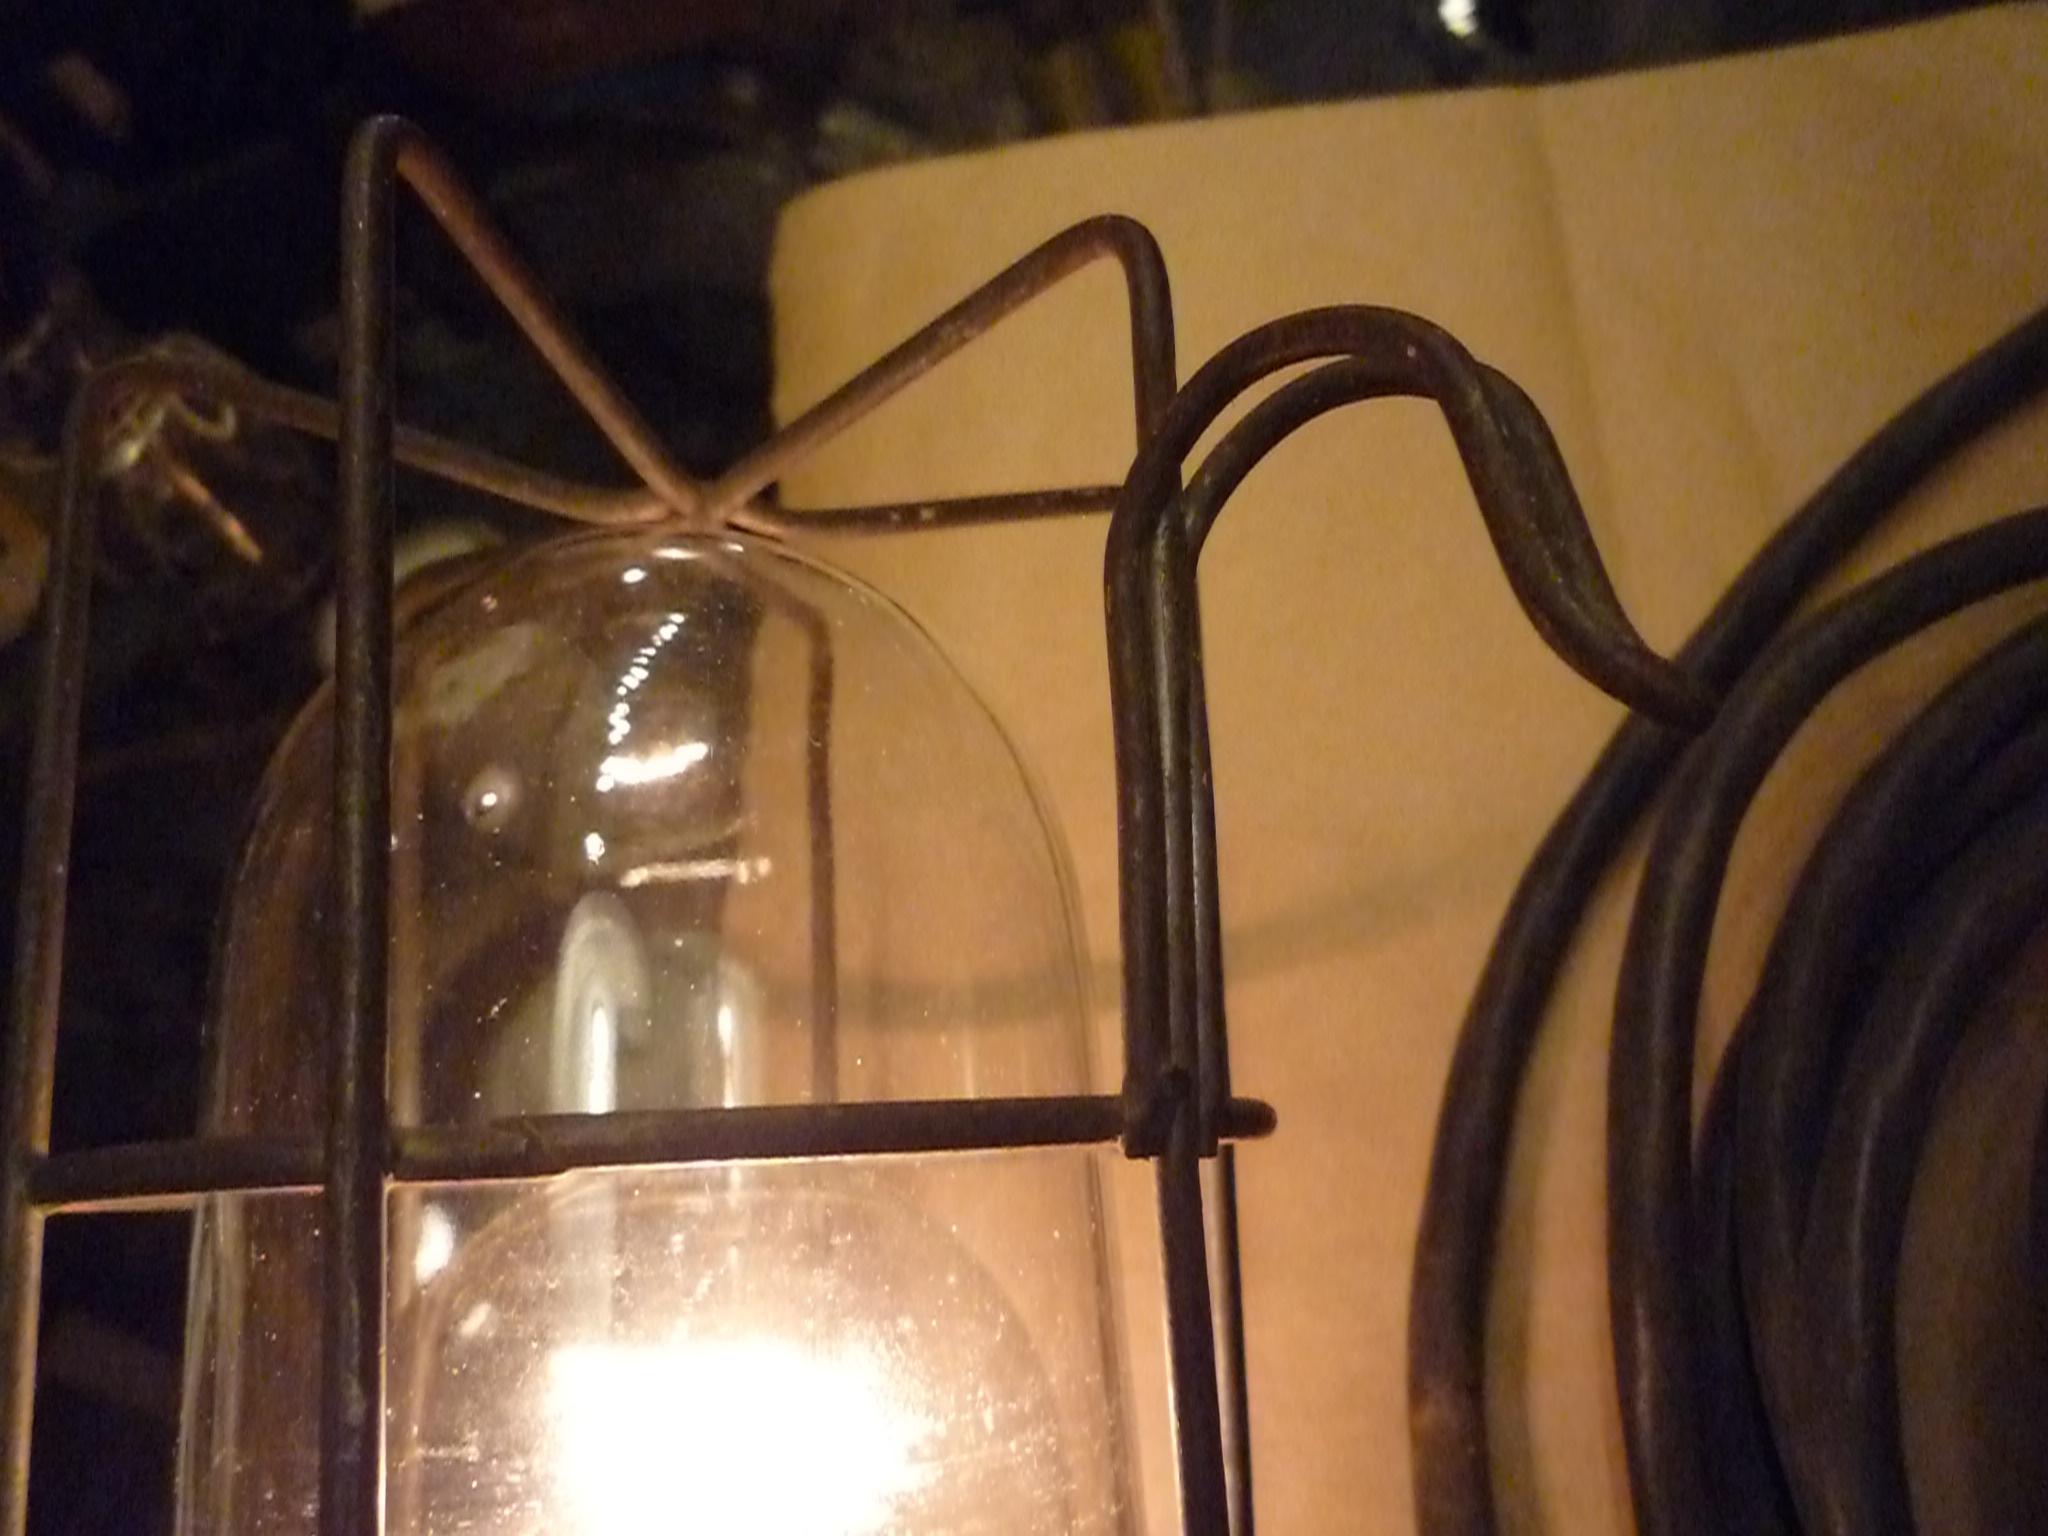 ランプ2 冥界より_f0180307_2225250.jpg